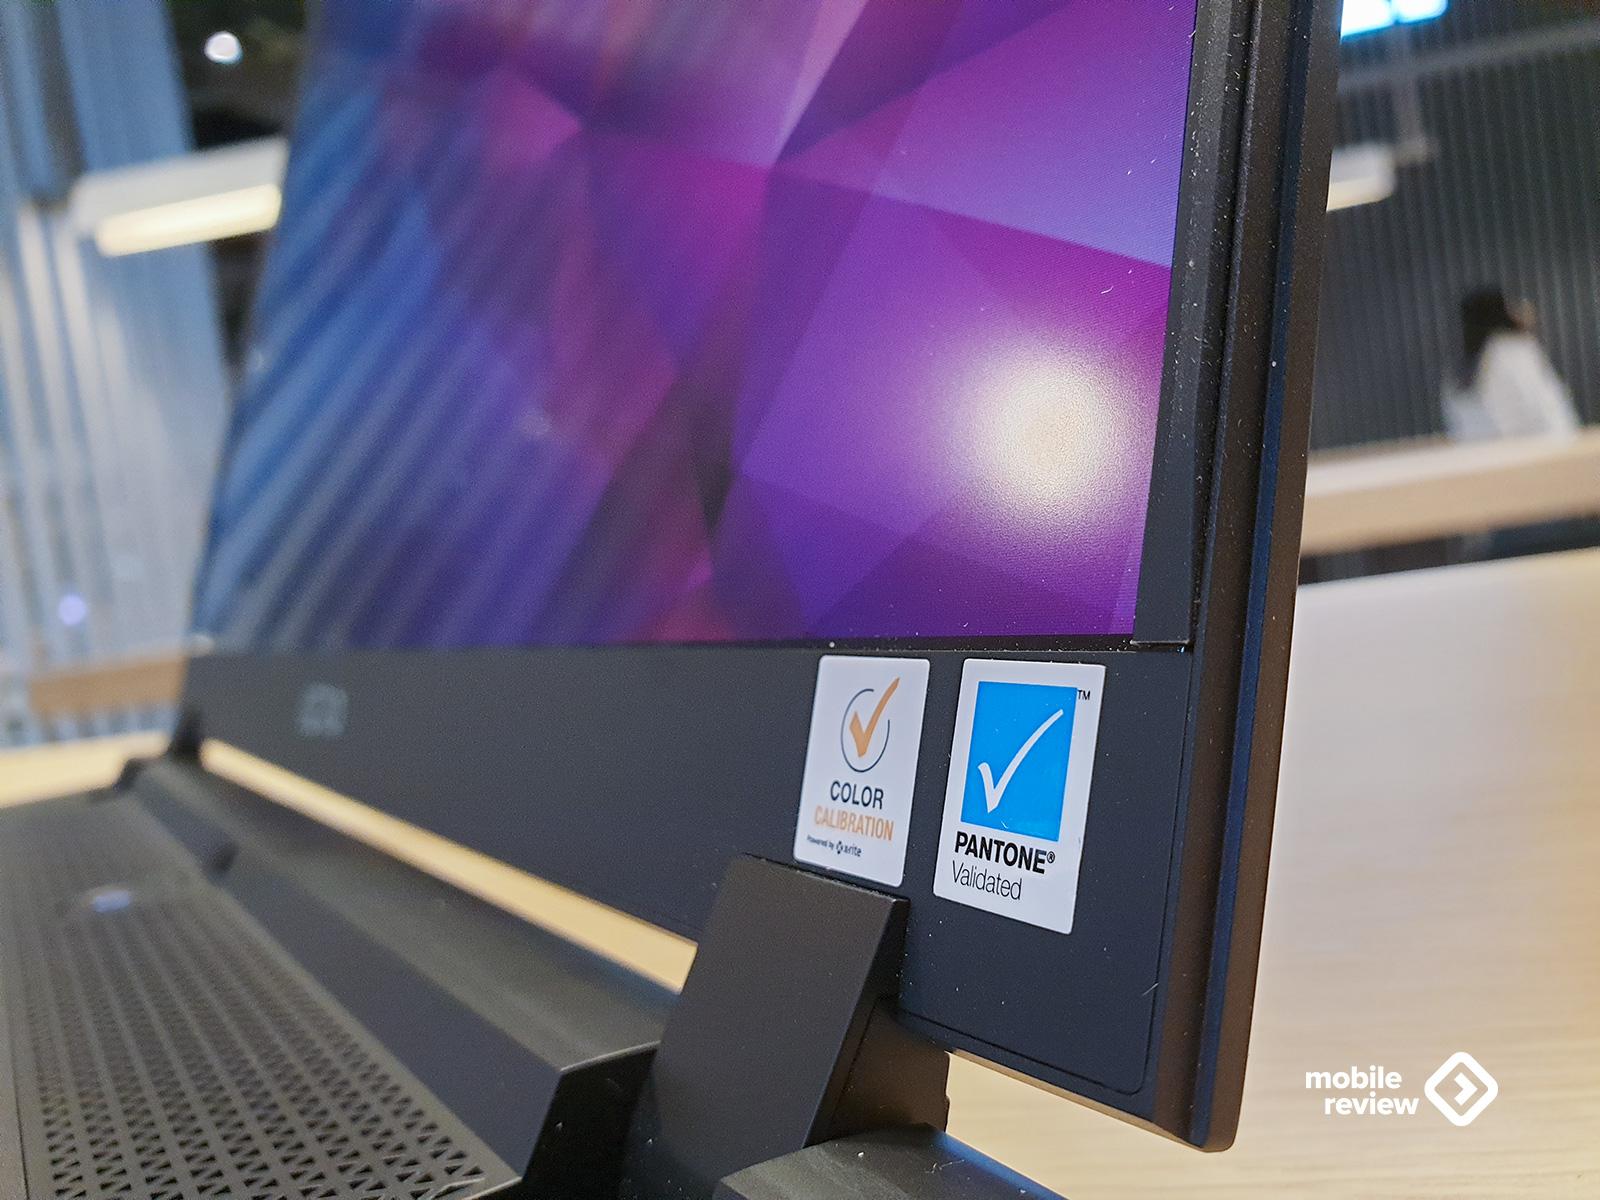 GIGABYTE AERO 17 HDR: Core i7-11800H, GeForce RTX 3070, HDR экран 17 дюймов и 8 часов от батареи